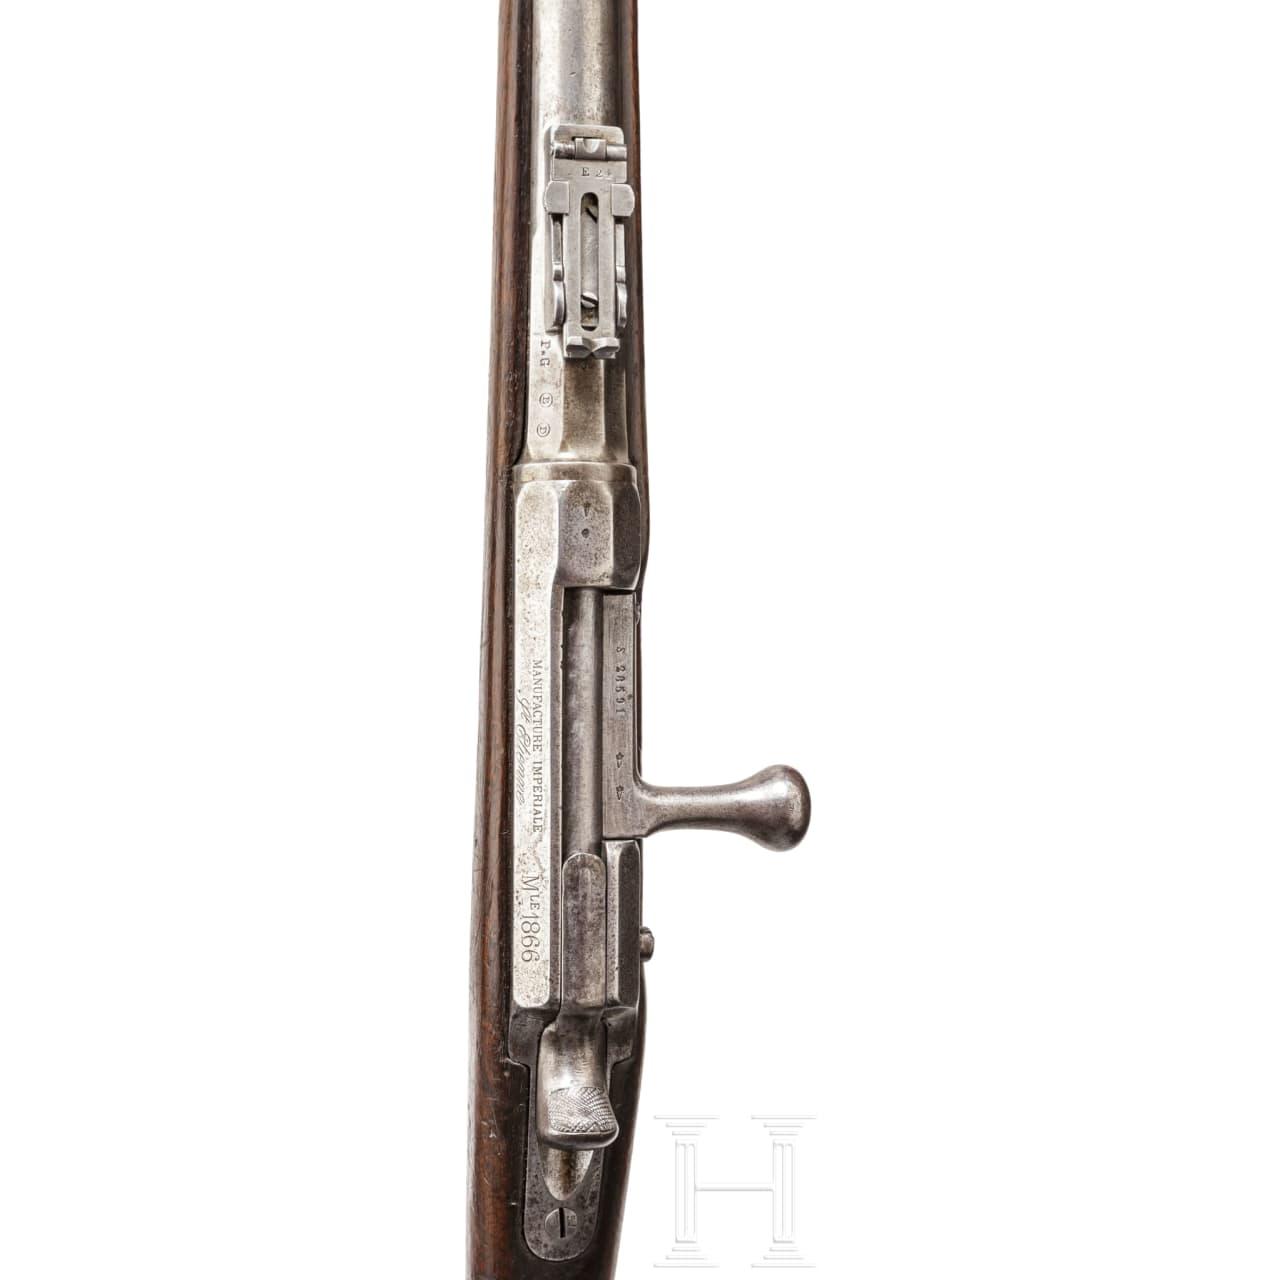 A M 1866 Chassepot needlefire rifle